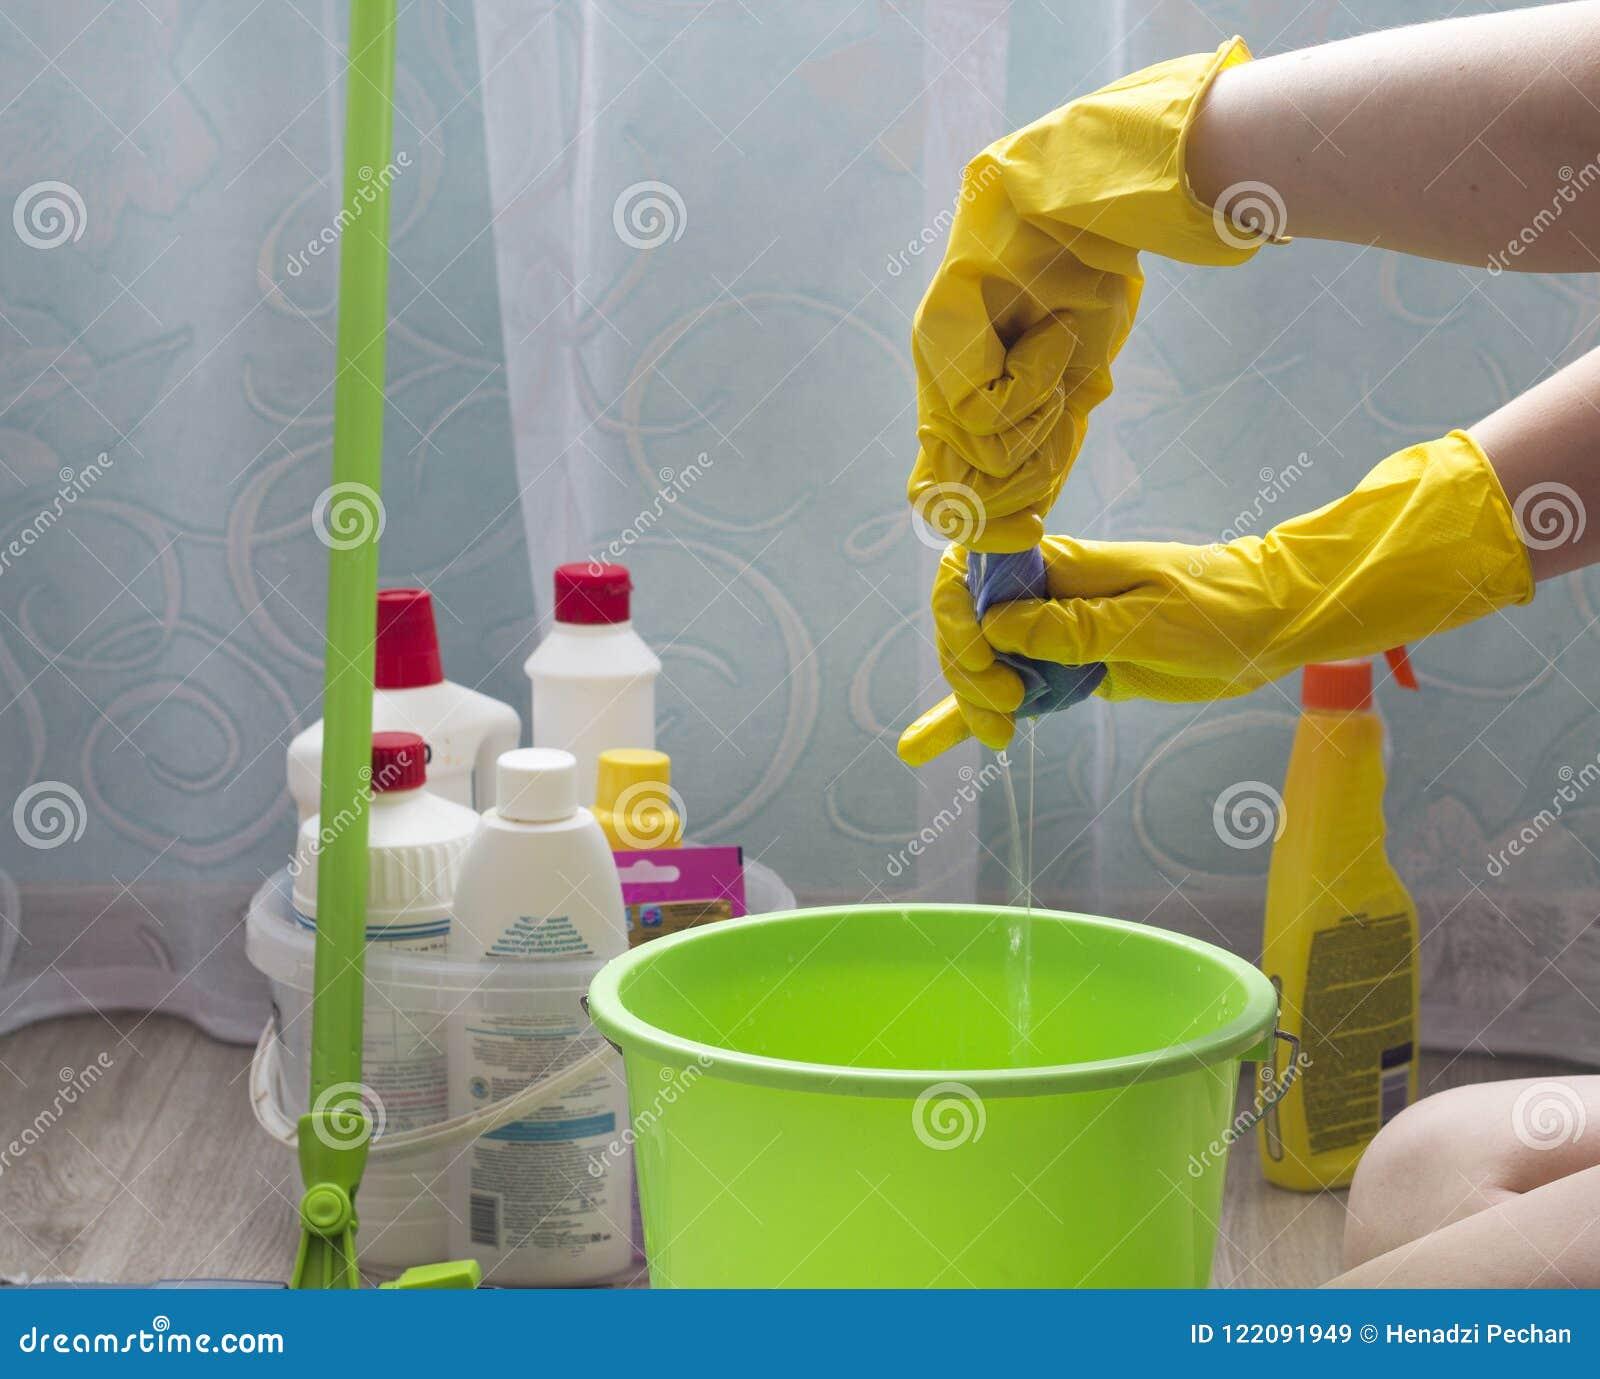 黄色手套的一个女孩紧压旧布入国内的桶